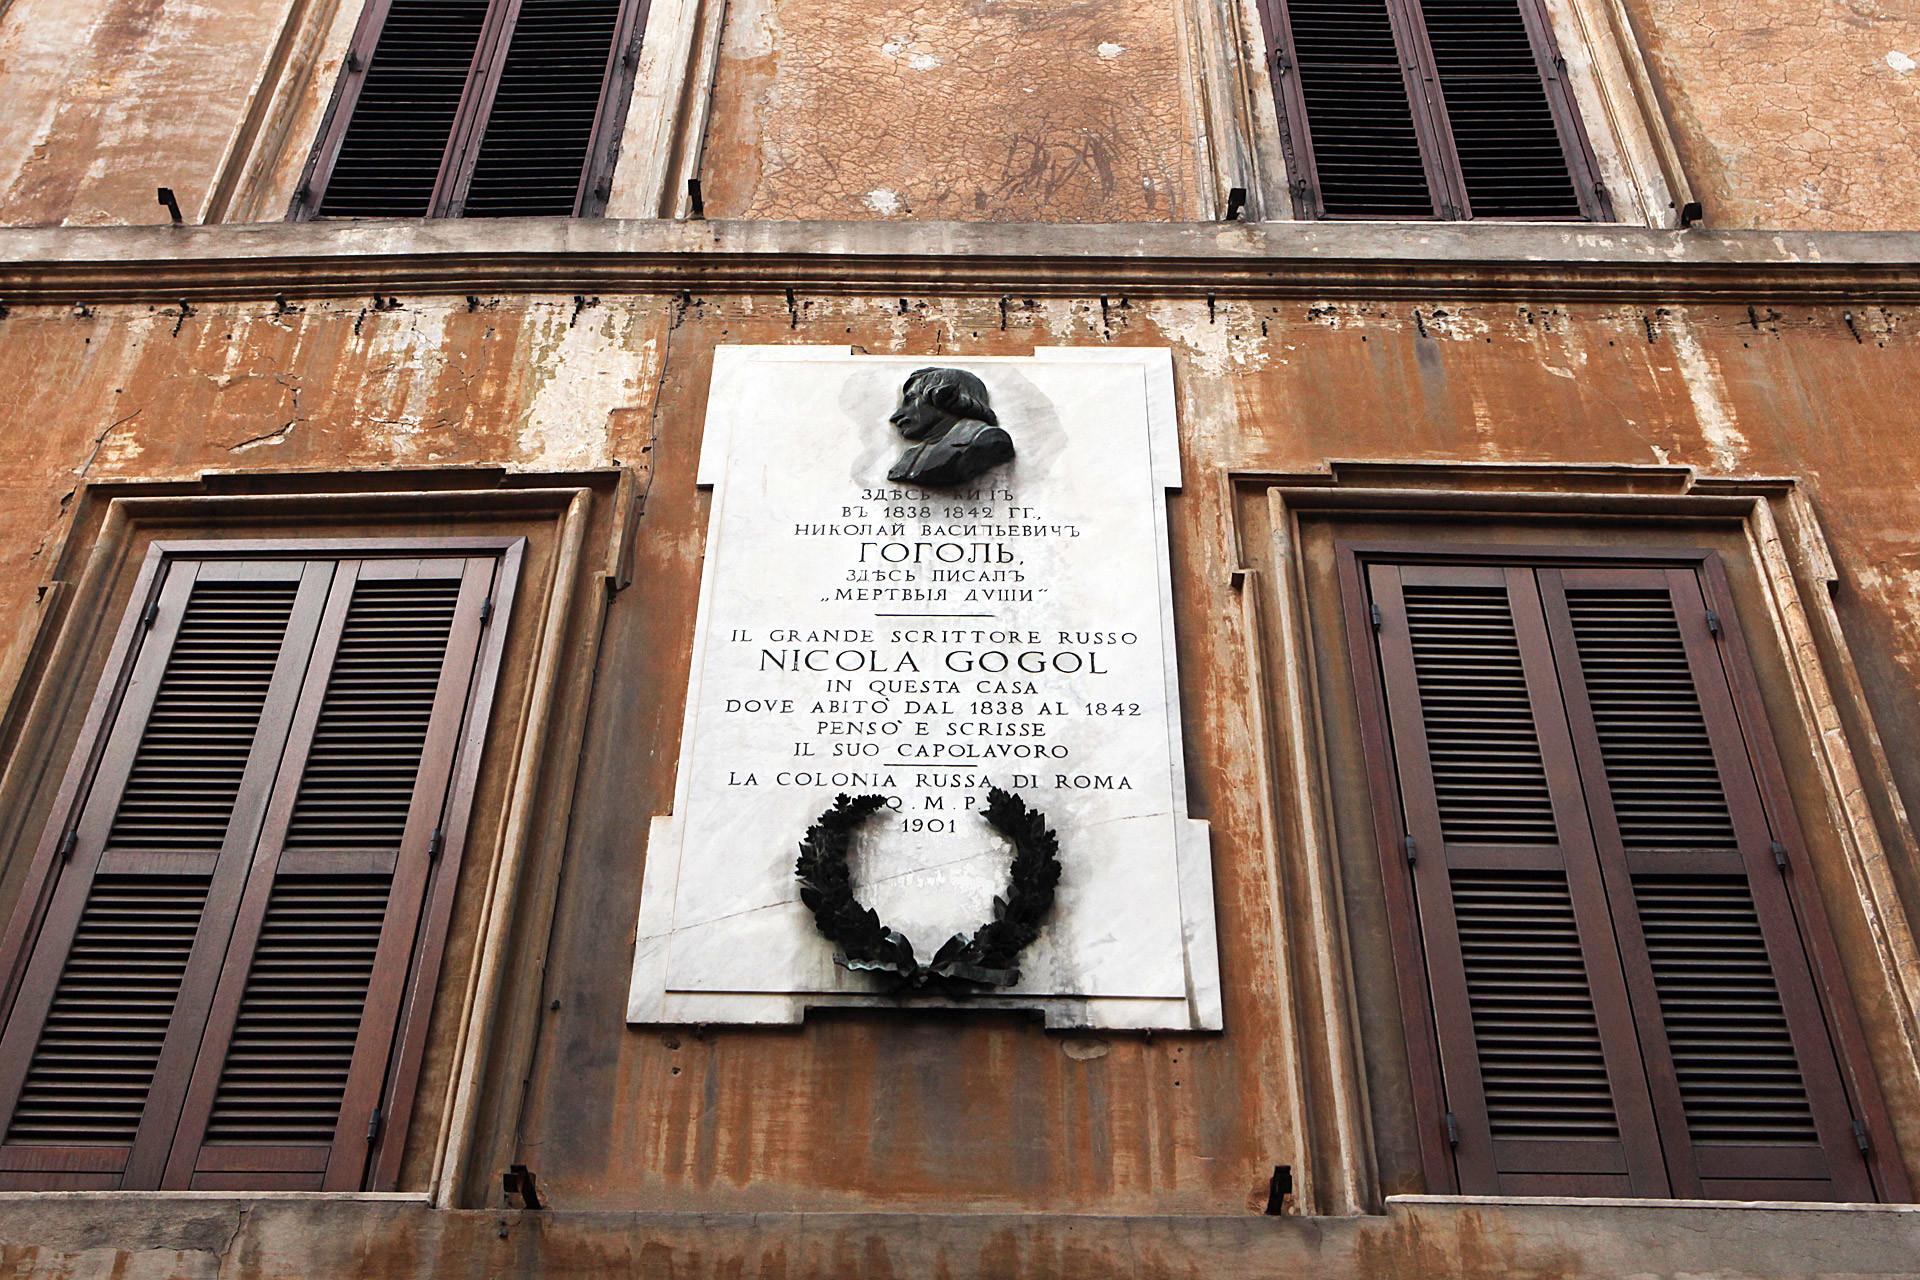 Плоча на Гогол в Италия.